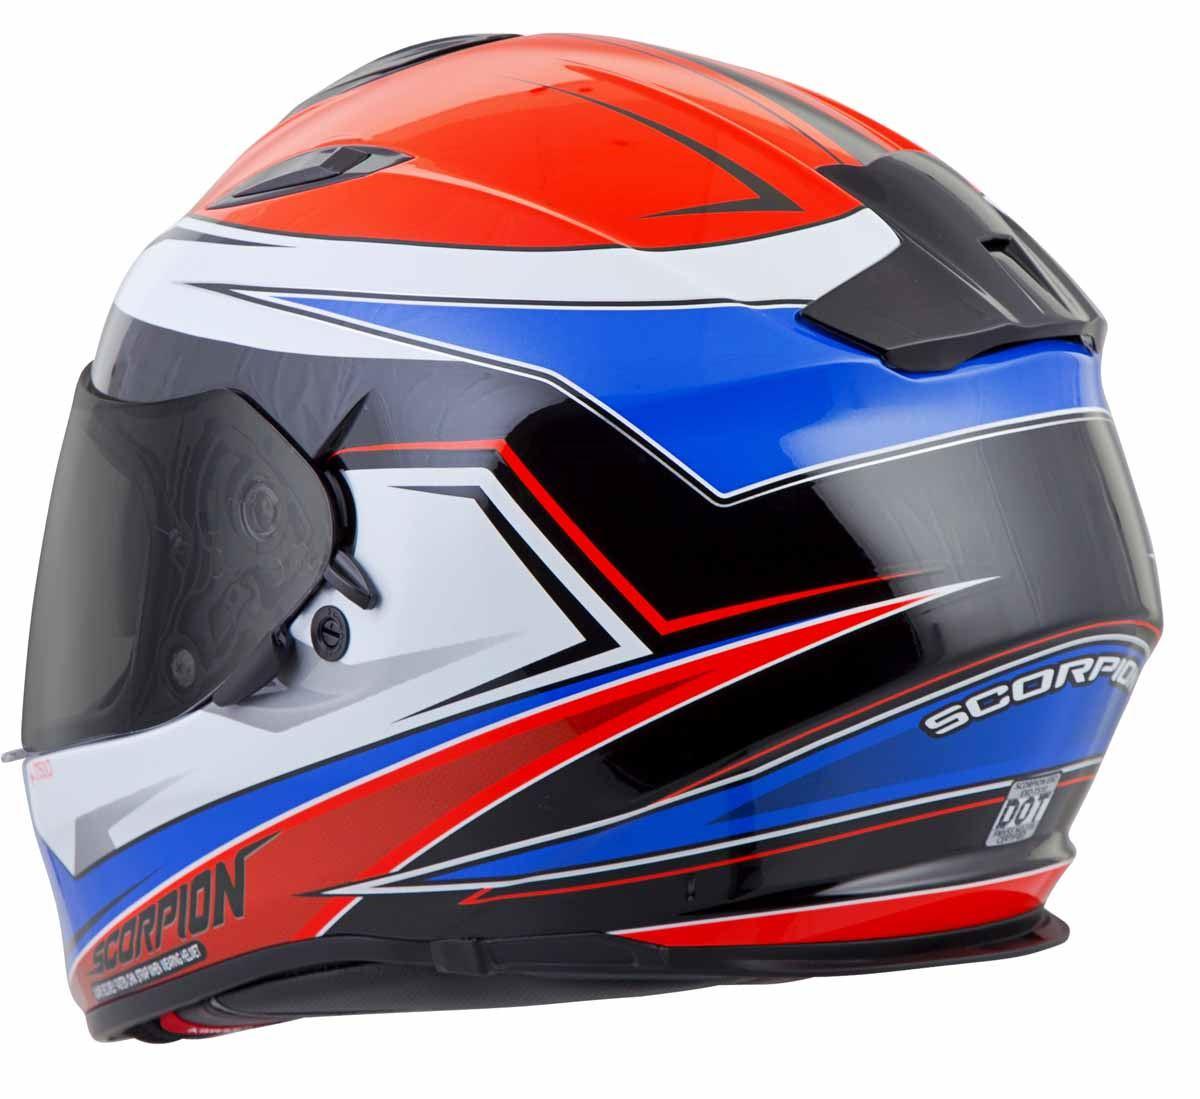 Scorpion-EXO-T510-Helmet-Full-Face-DOT-Approved-Inner-Sun-Shield miniature 34